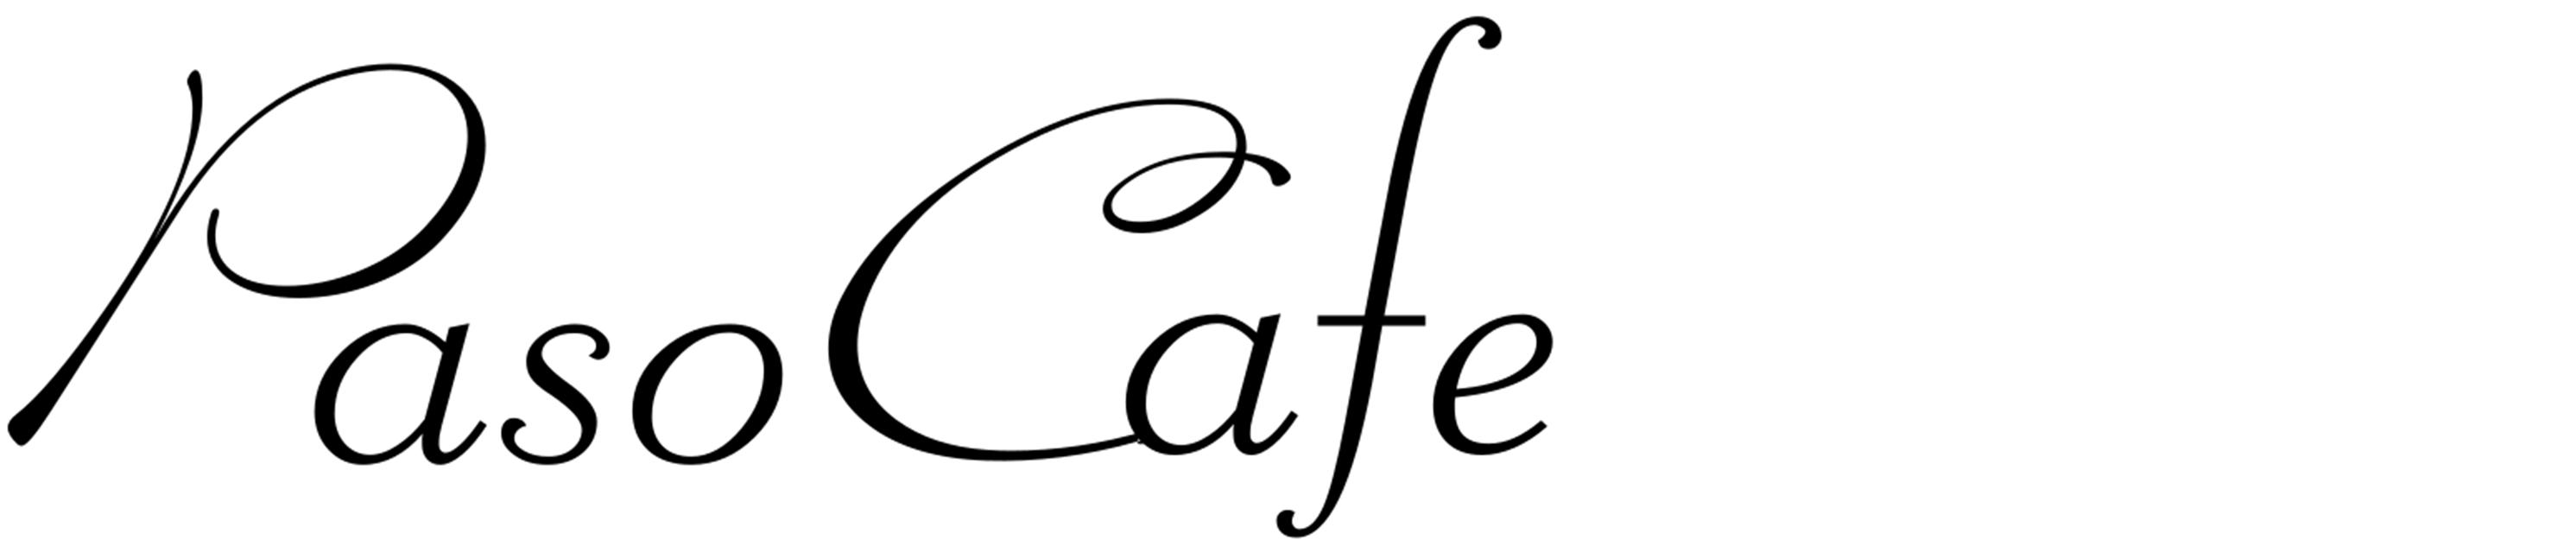 川西市のパソコン教室パソカフェ|女性講師によるマンツーマン個人レッスン。パソコン・カメラ・スマホの初心者向け個別指導。